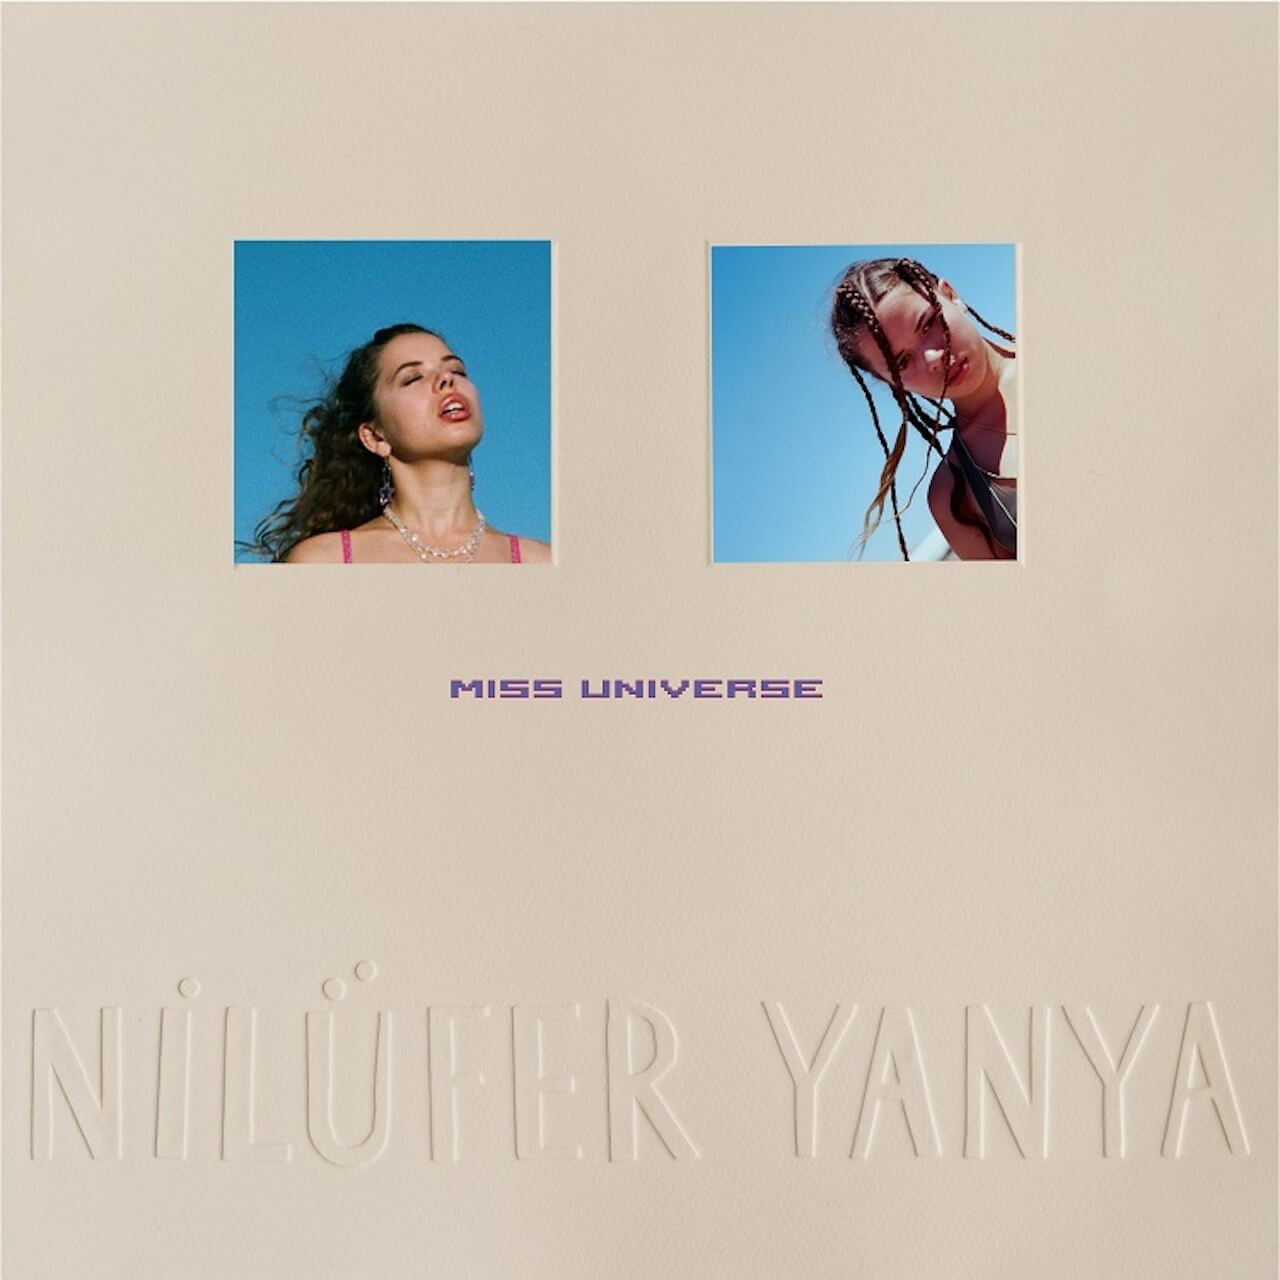 新世代のSSW・ニルファー・ヤンヤ インタビュー 誰もが常に新しいものを求めて忙しく前に進んでいく music190529-nilufer-yanya-1